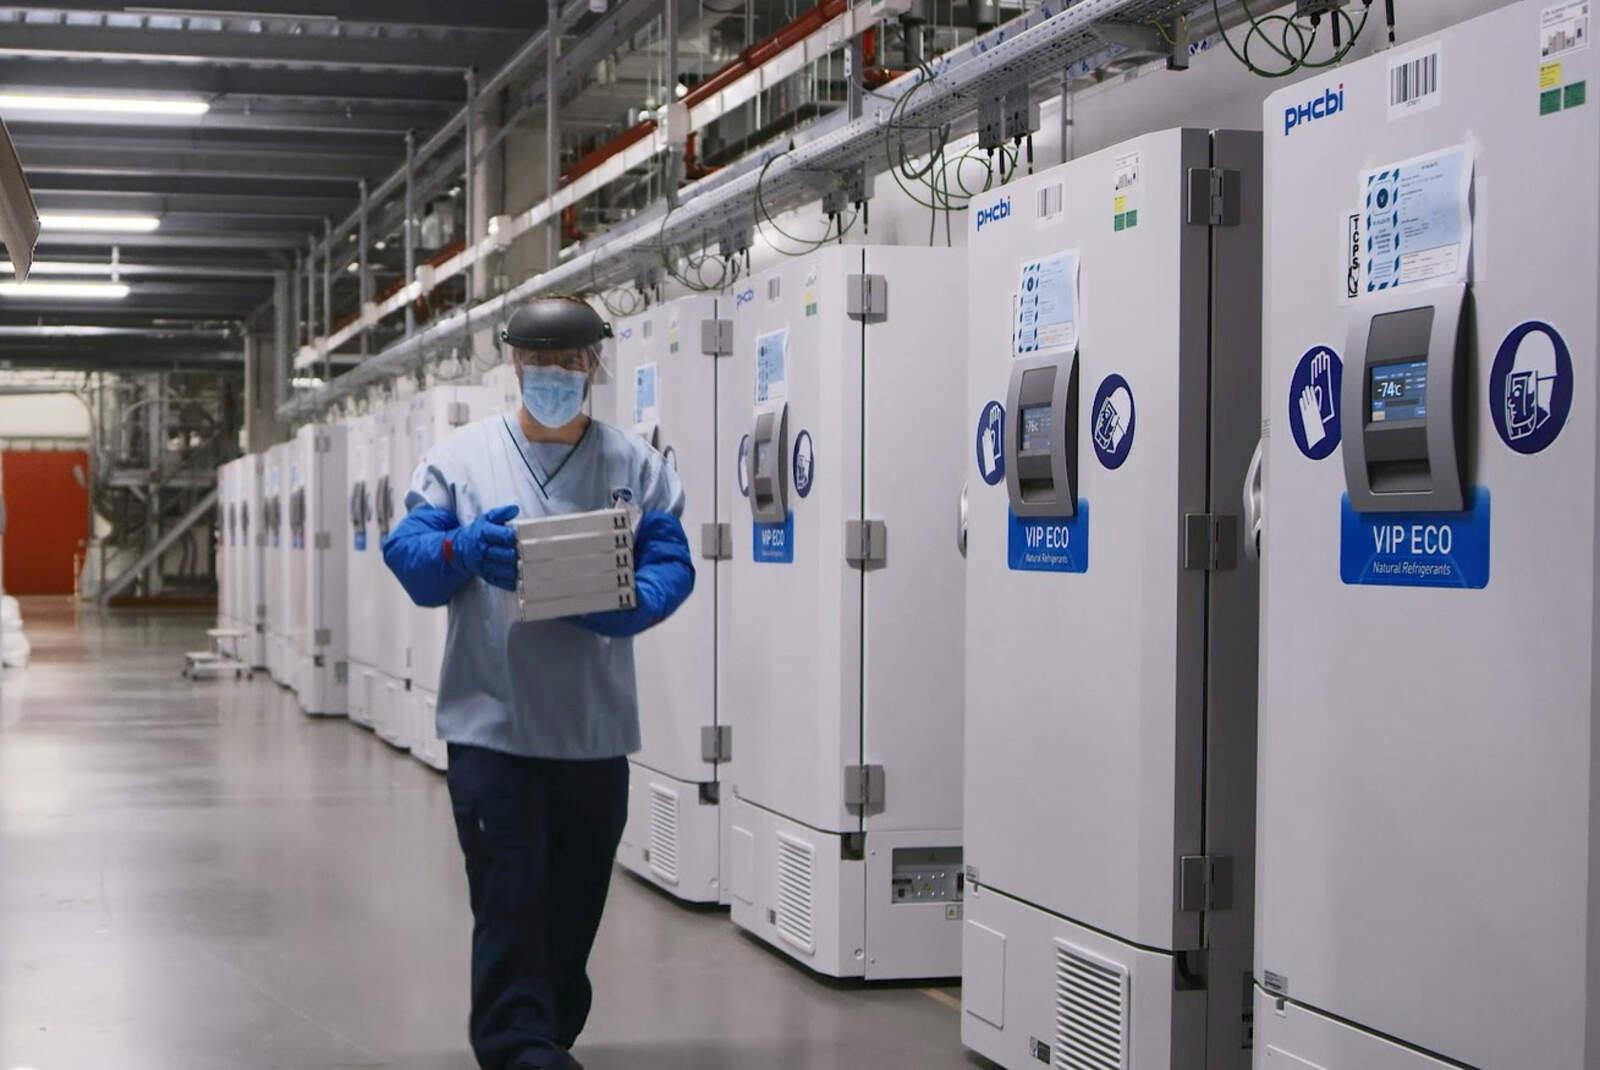 Congeladors amb la vacuna de Pfizer emmagatzemades a Bèlgica